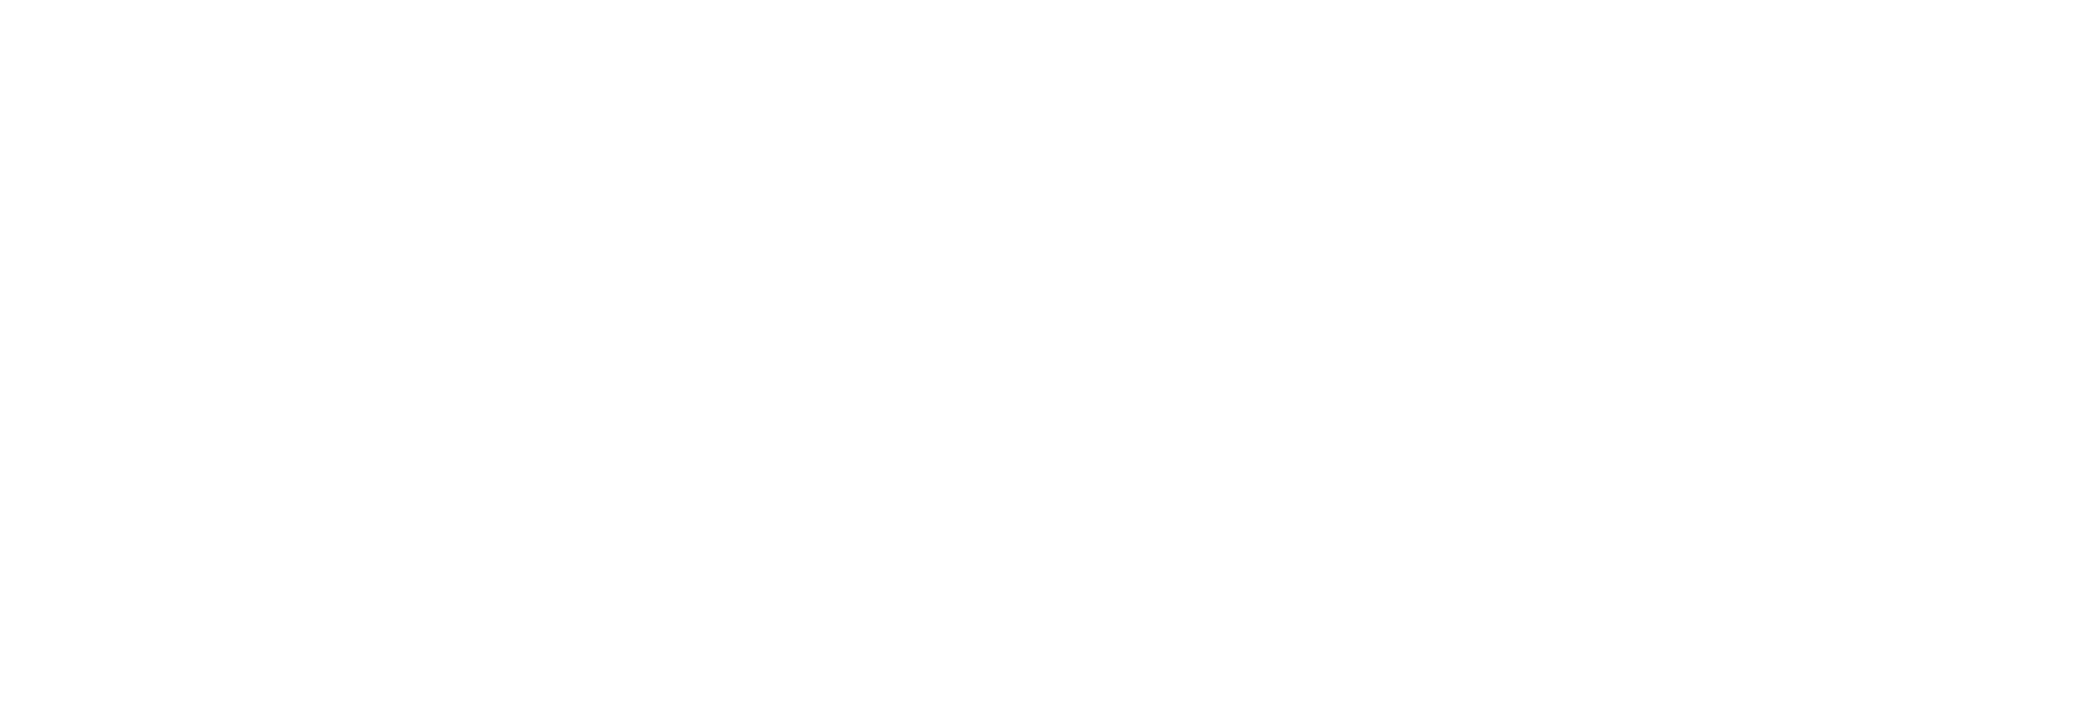 Medical 1 White